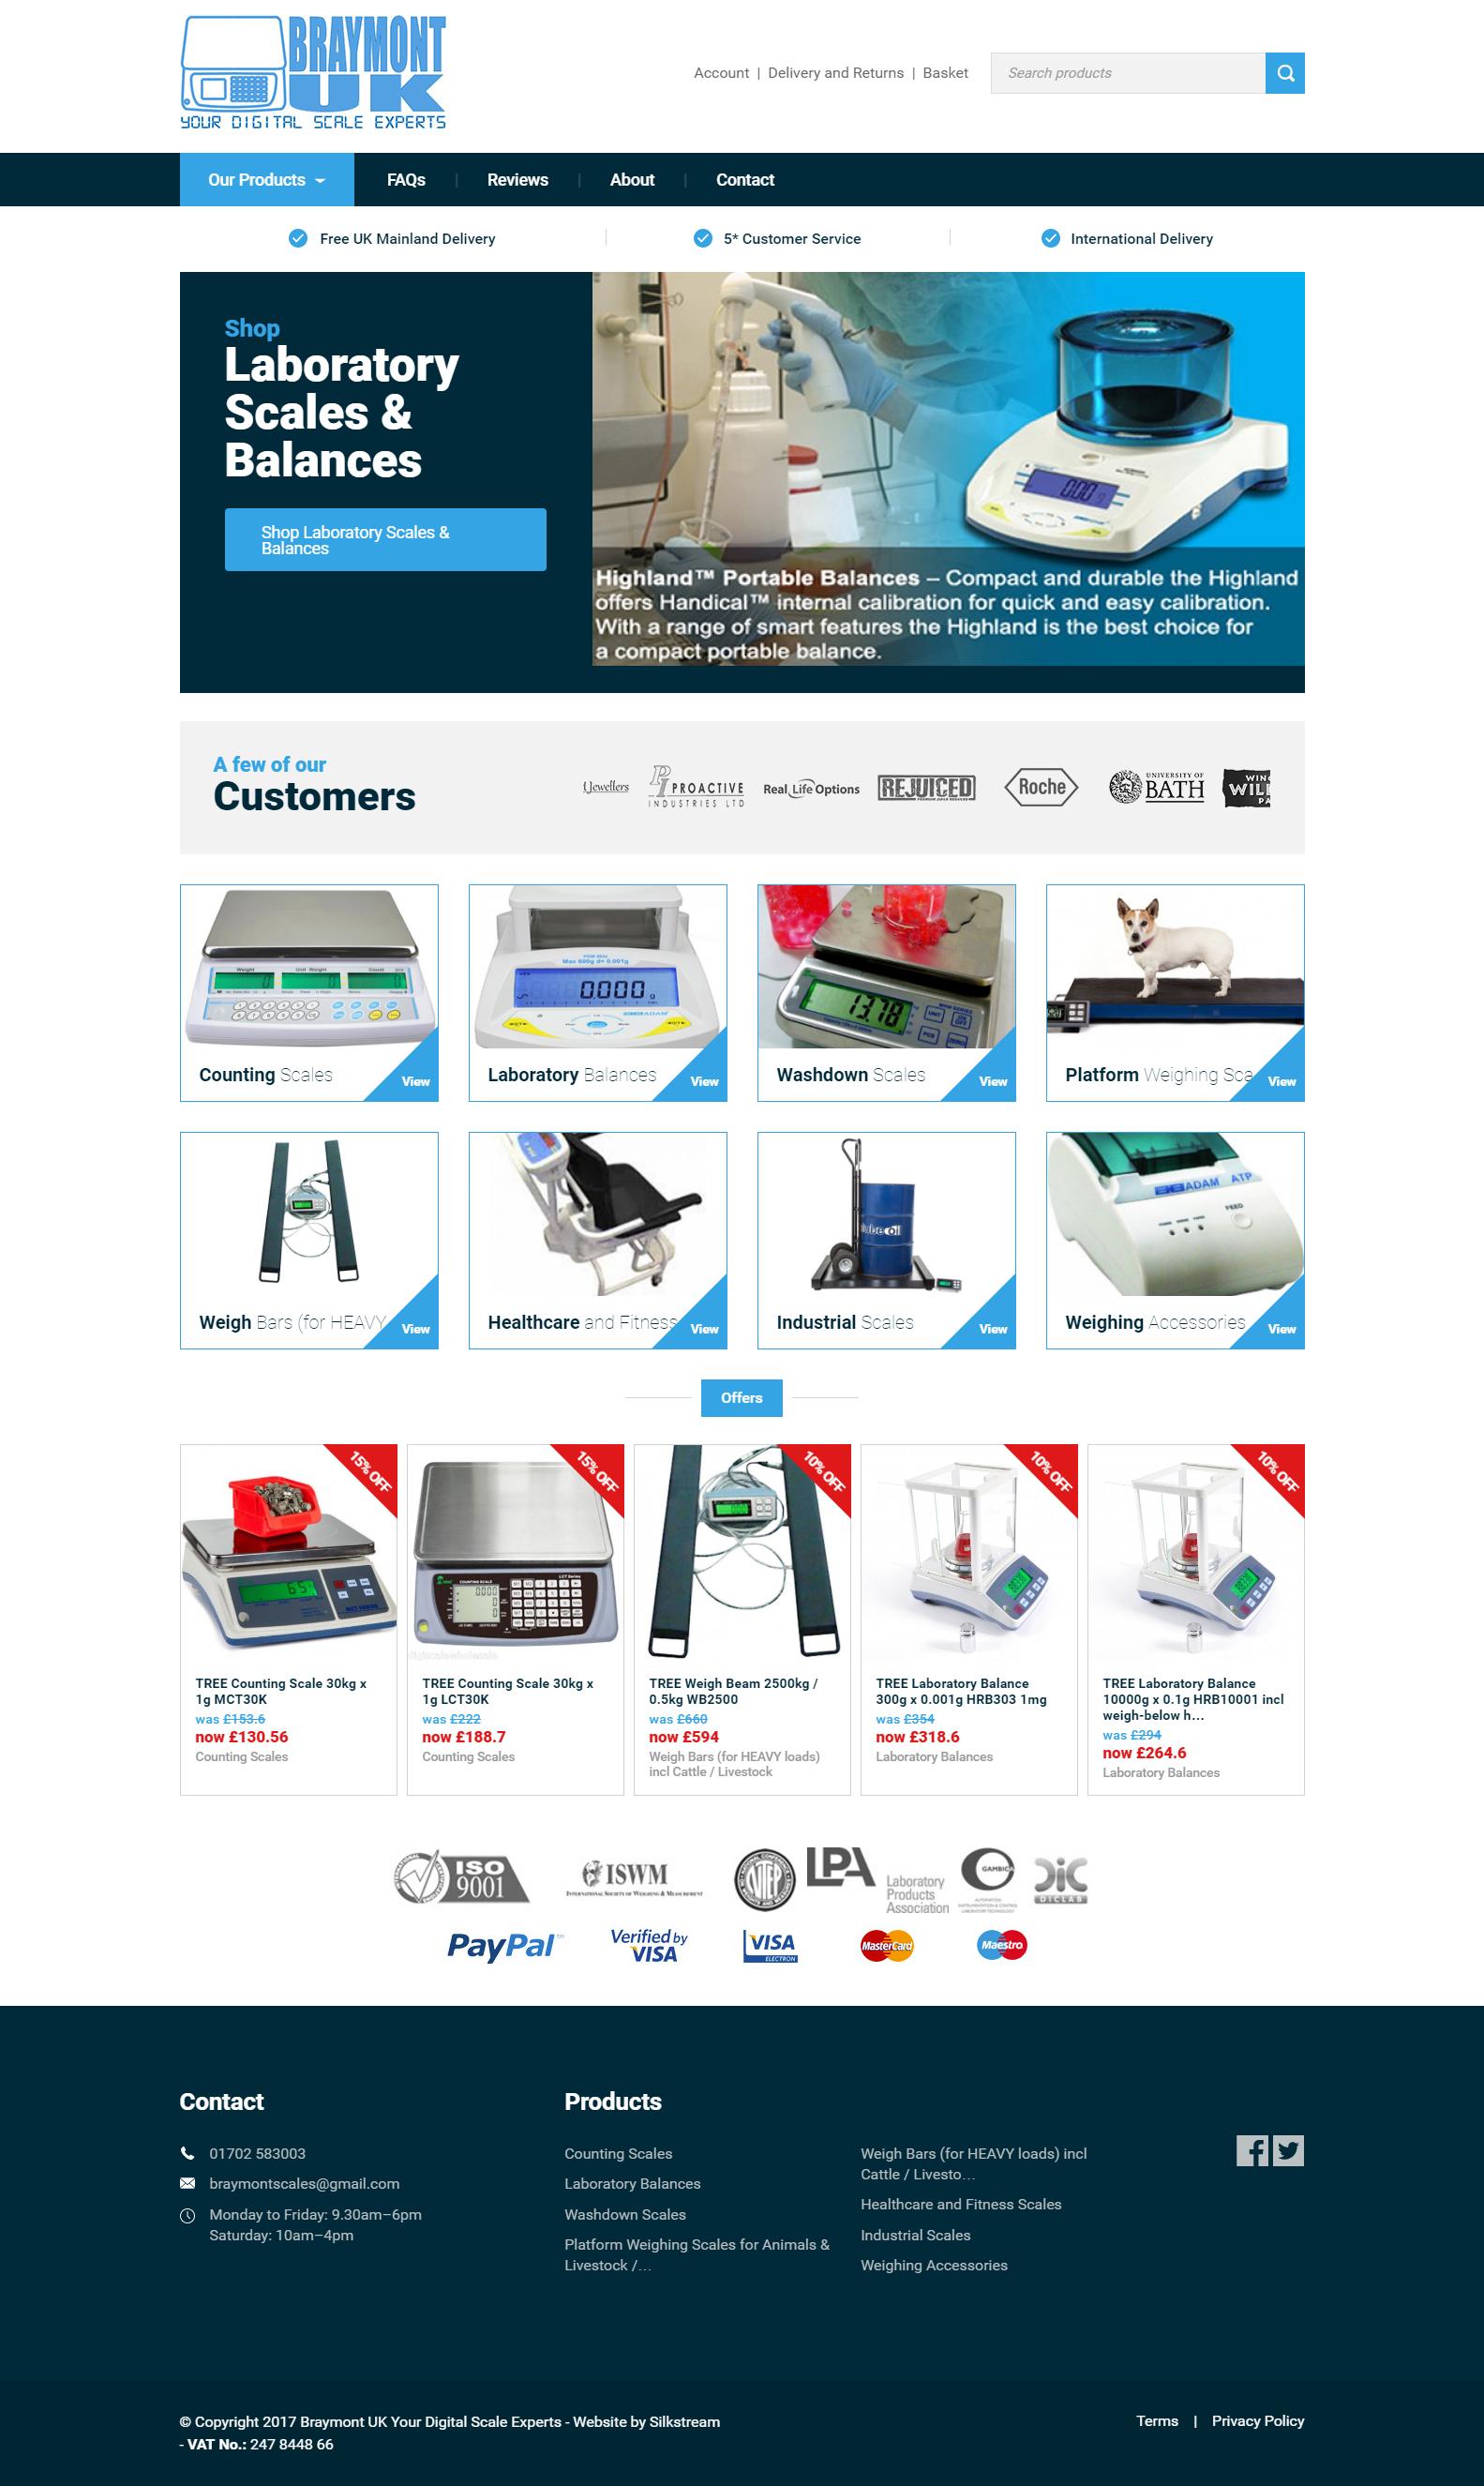 Braymont UK Homepage Design